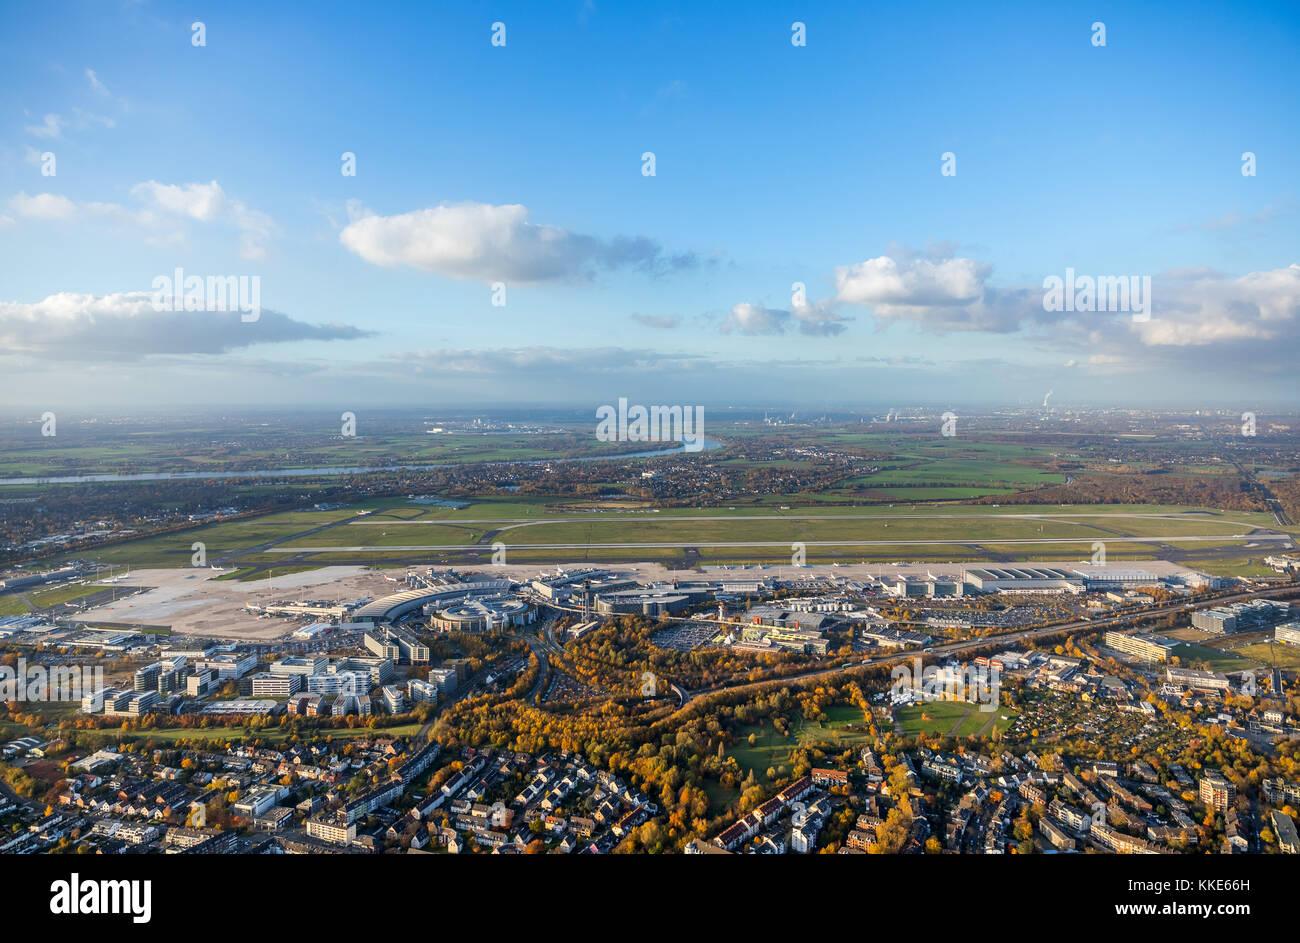 Dusseldorf Airport, Tower Airport, Euro Wings aircraft on the runway 23R, Dusseldorf, Rhineland, North Rhine-Westphalia, - Stock Image